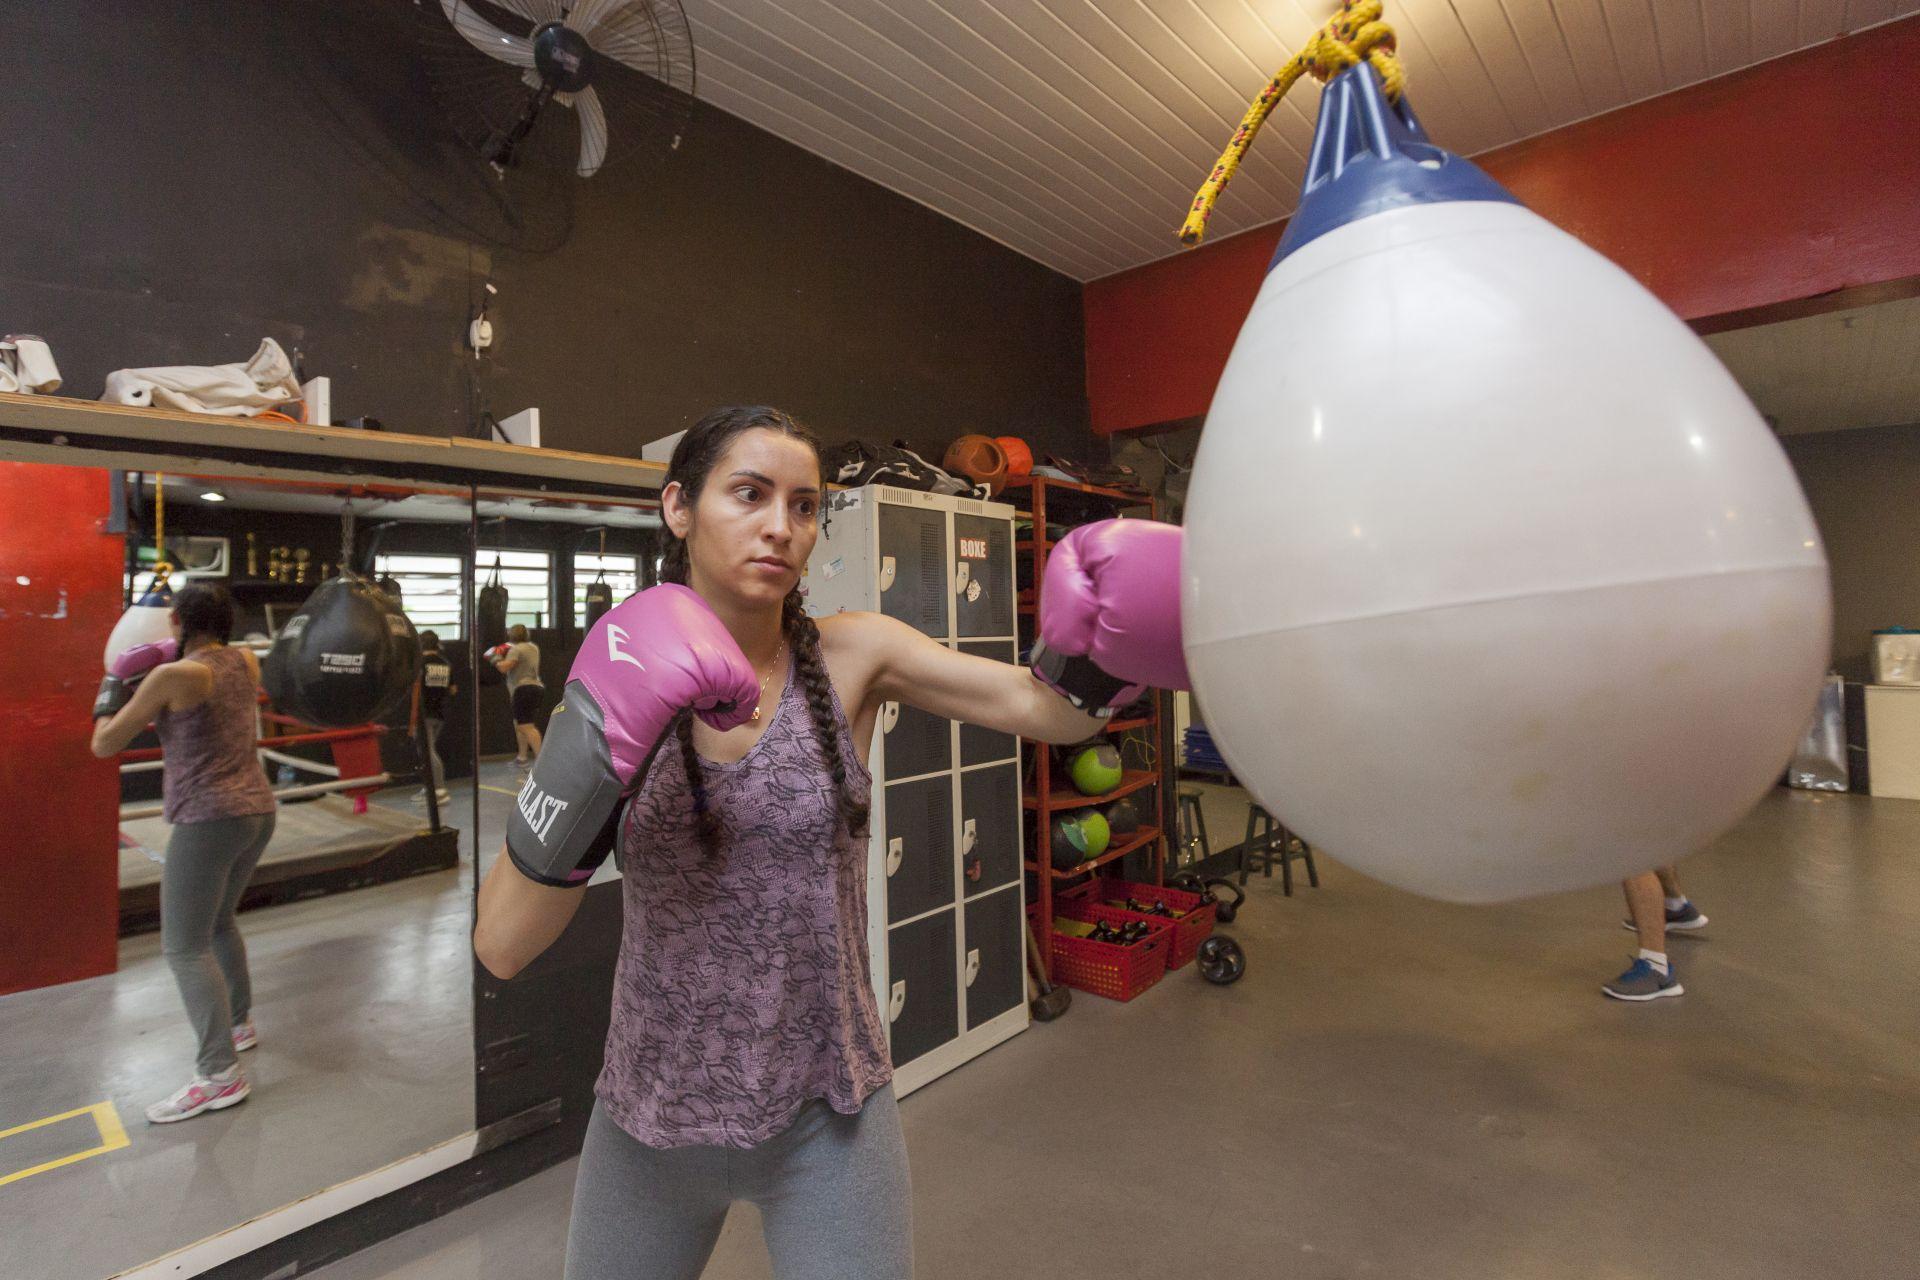 Dos benefícios da prática de lutas, tanto para homens quanto para mulheres, está a melhora no sistema cardiovascular, na coordenação motora e no fortalecimento muscular. Foto: Fernando Zequinão/Gazeta do Povo